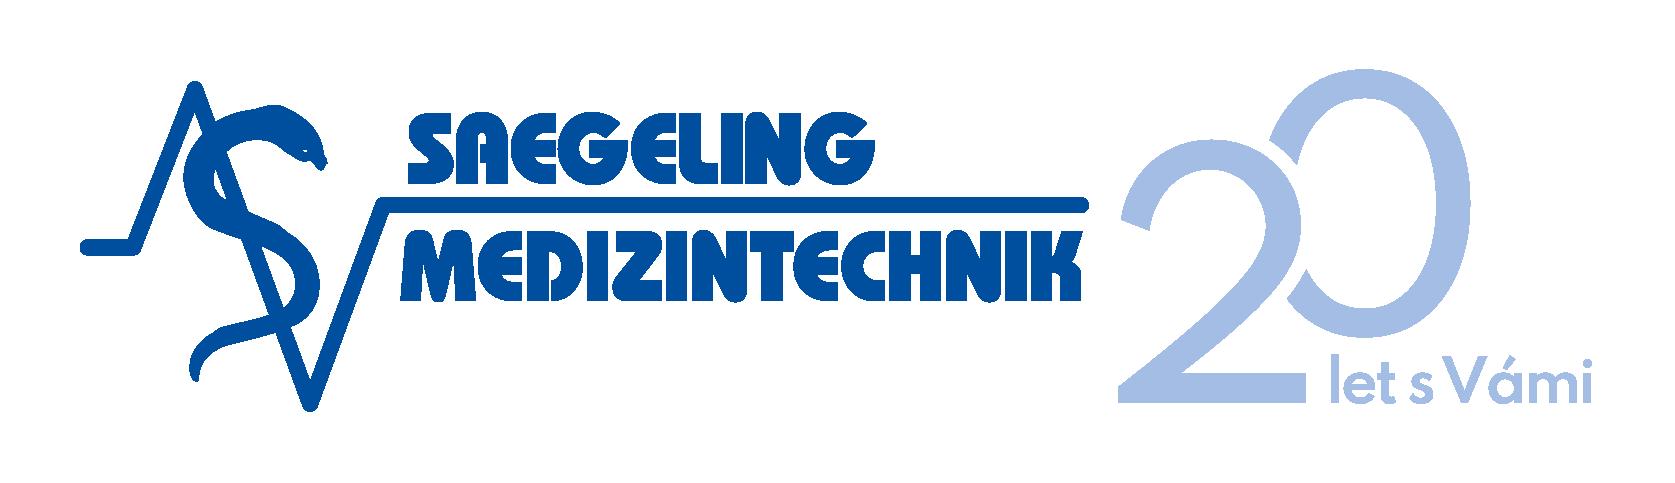 Saegeling-20-let-01